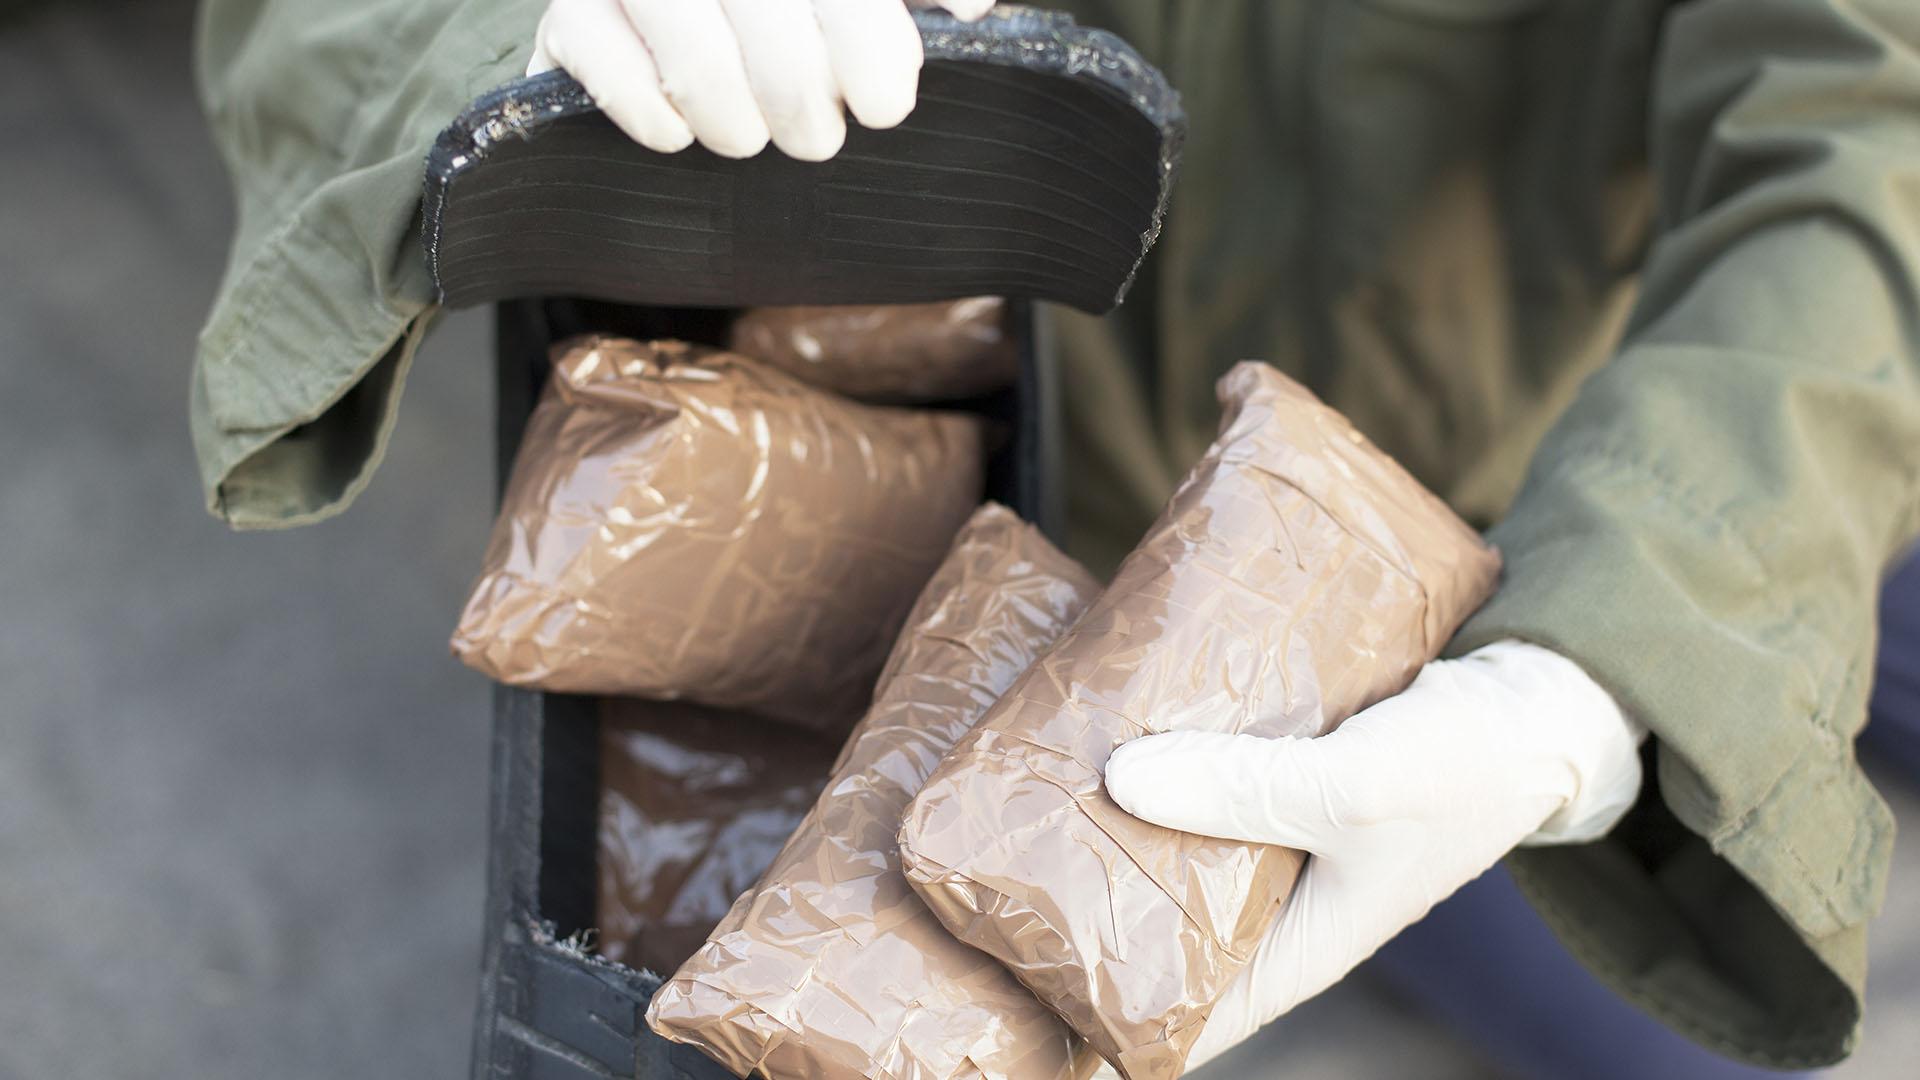 El oficial de la Policía consumía la droga que decomisaba ara poder rendir en sus labores. (Getty)